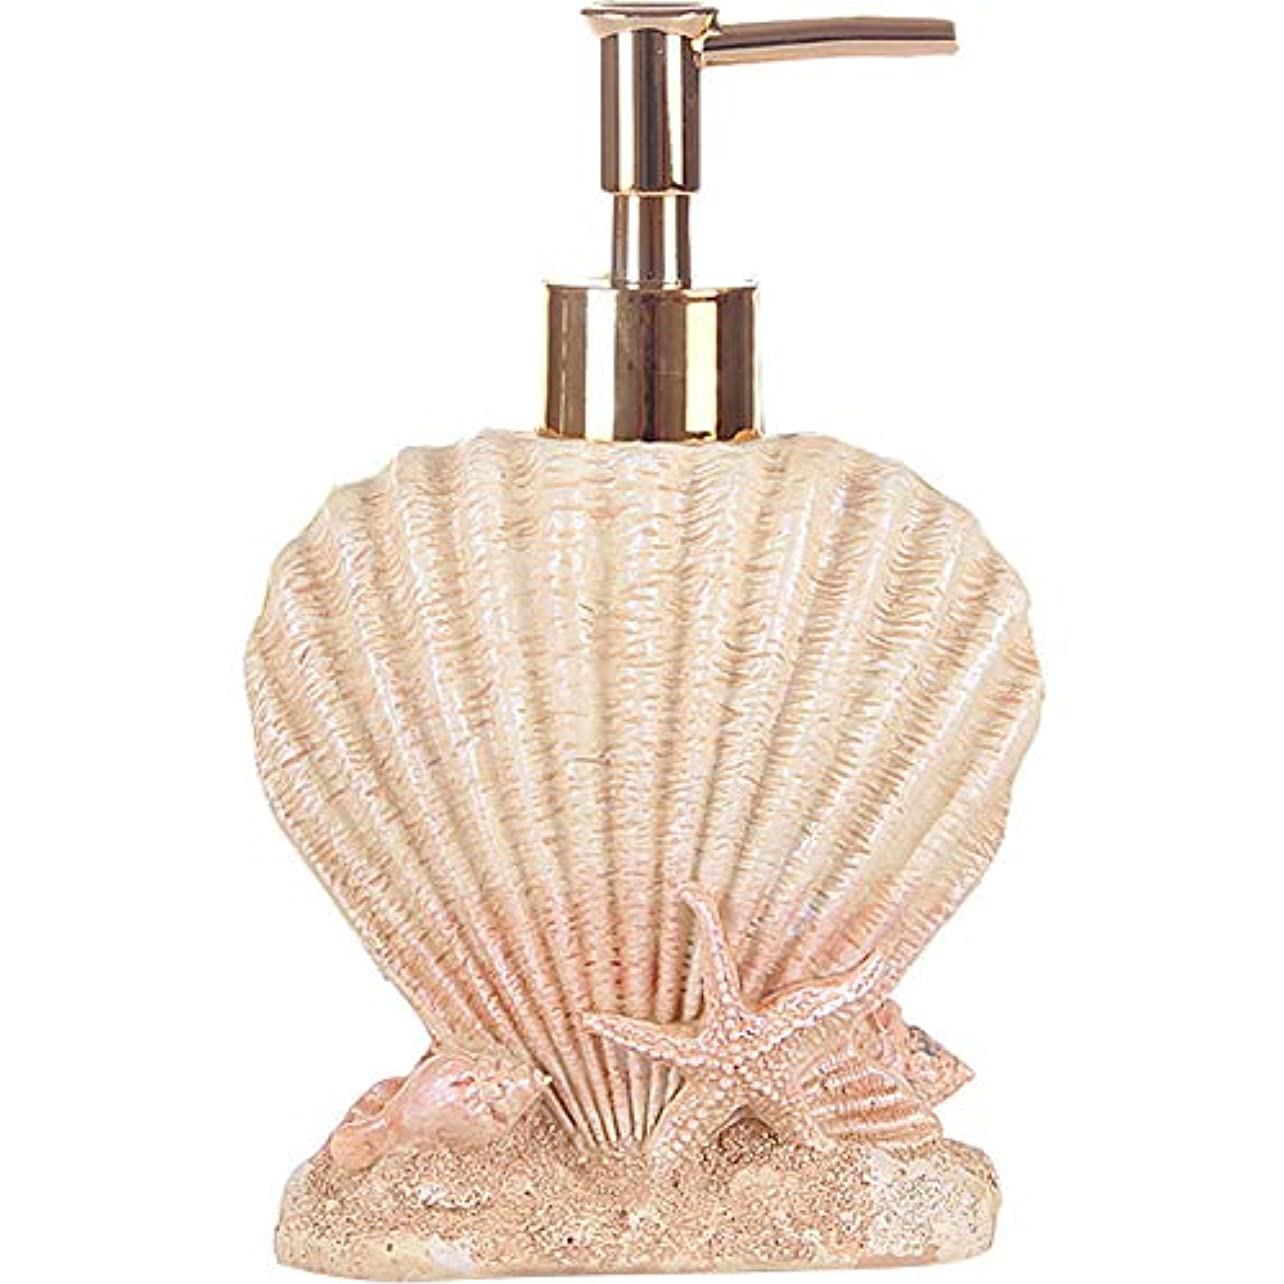 つかの間鳴らす値下げ(Shell) - Creative Beach Shells European Style Hand Soap Liquid Bottles Resin Shampoo Dispenser (shell)